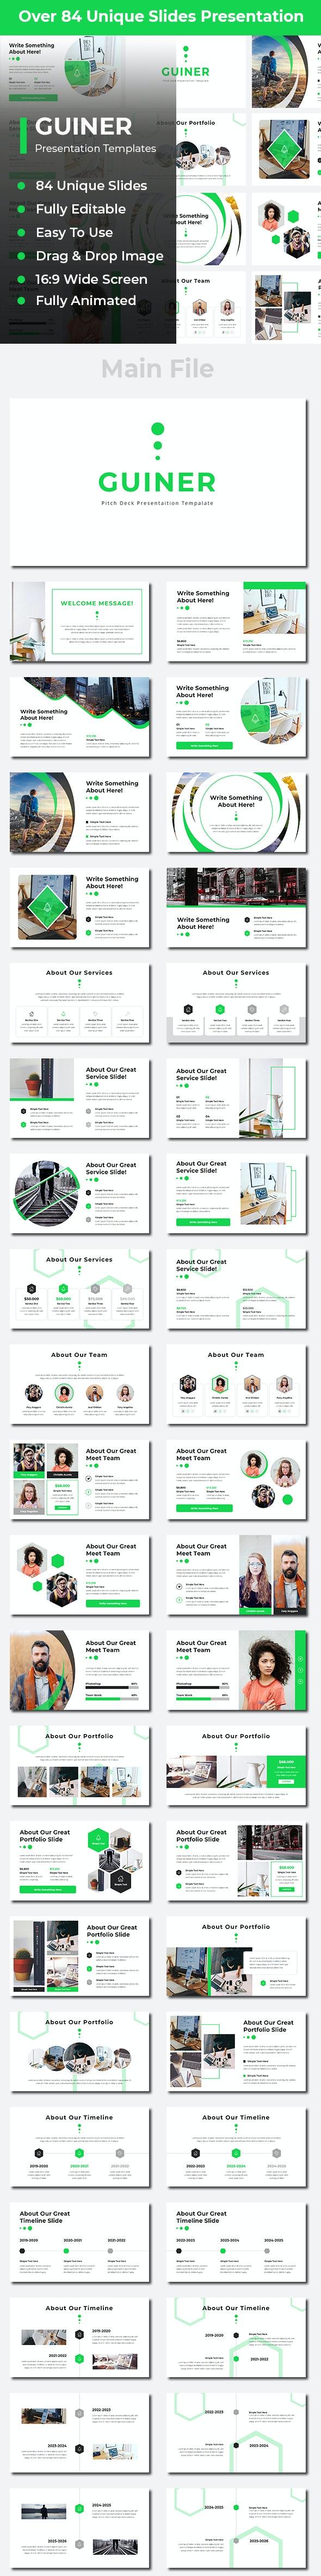 Guiner Pitch Deck Google Slides - Google Slides Presentation Templates